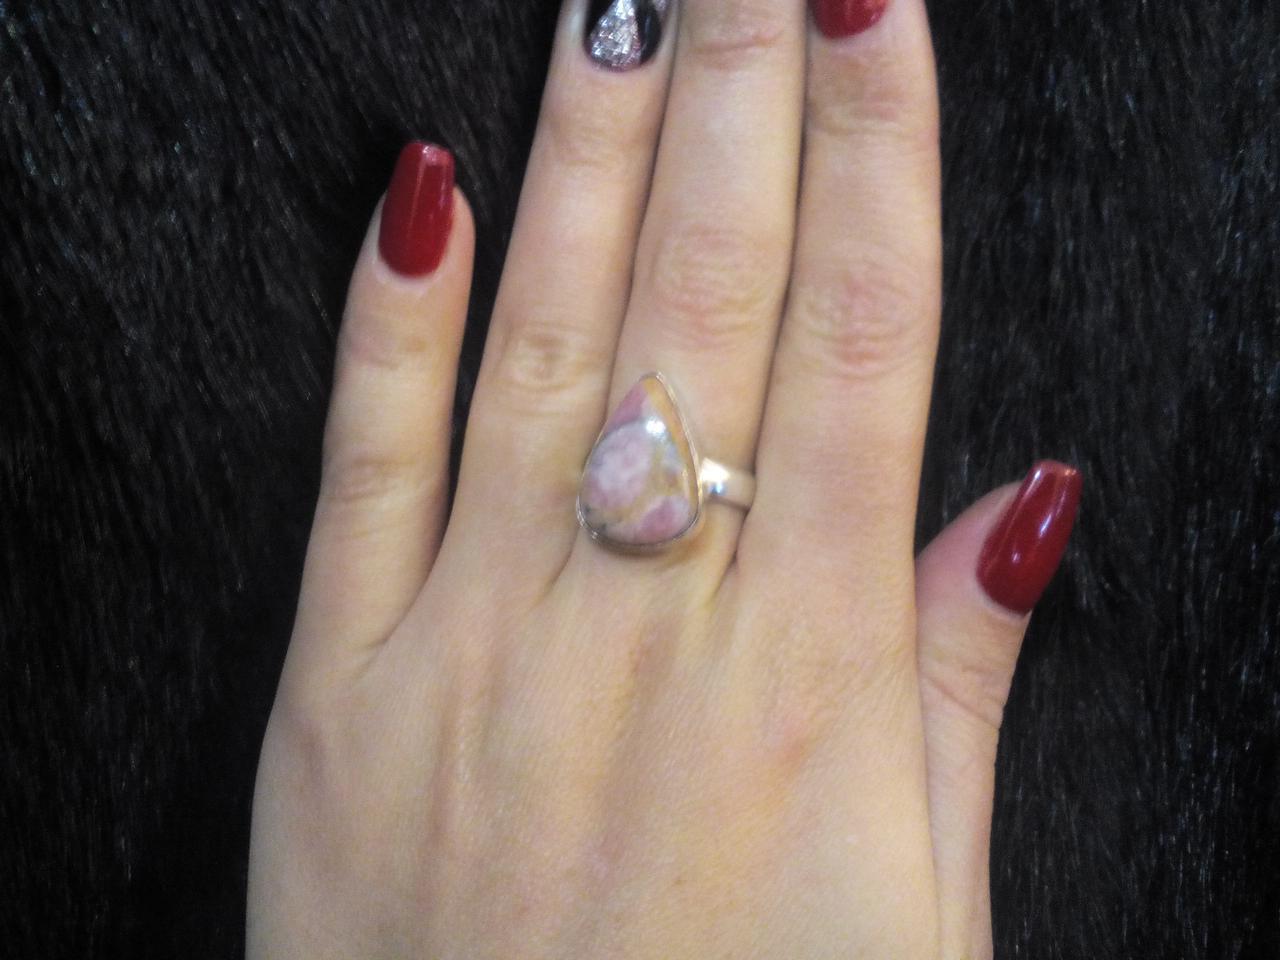 Кольцо капля с родохрозитом кольцо с камнем родохрозит в серебре 17-17,5 размер.